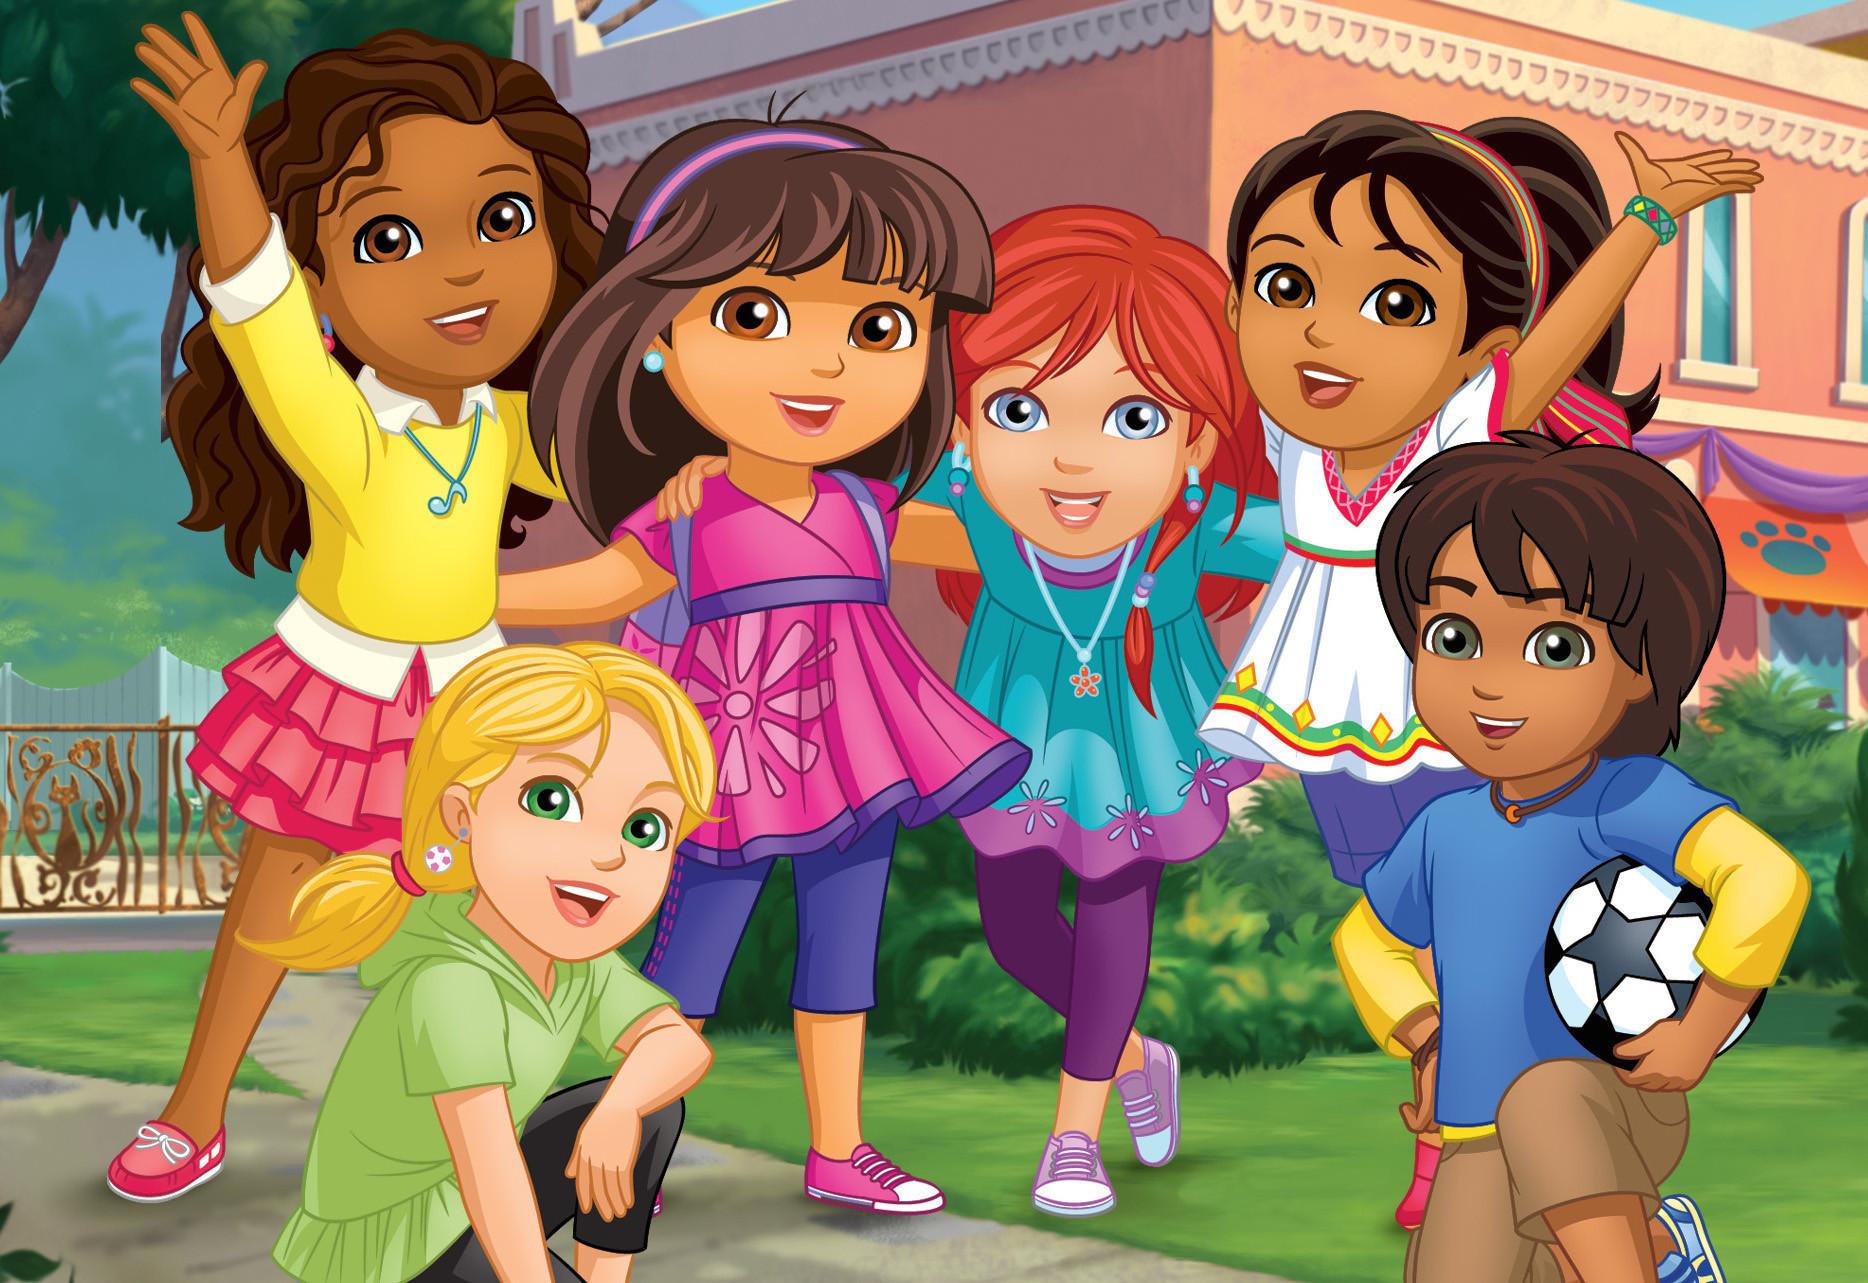 Dora & Friends - Anama no Sekai